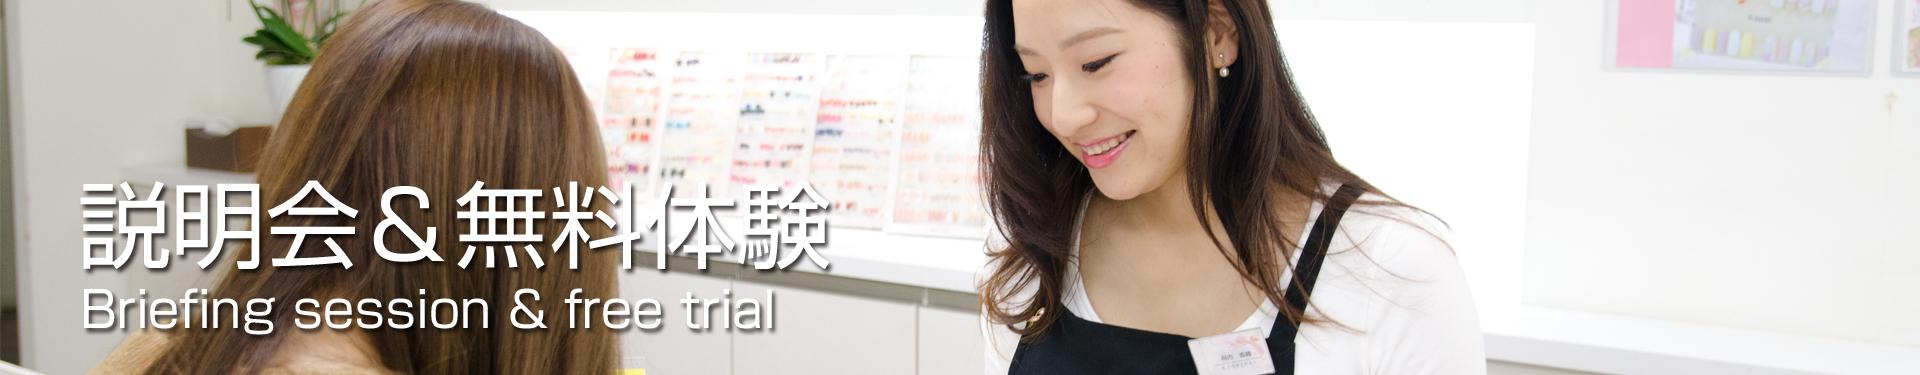 吉祥寺のネイルスクール|NAIL DESIGN COLLEGE|説明会&無料体験